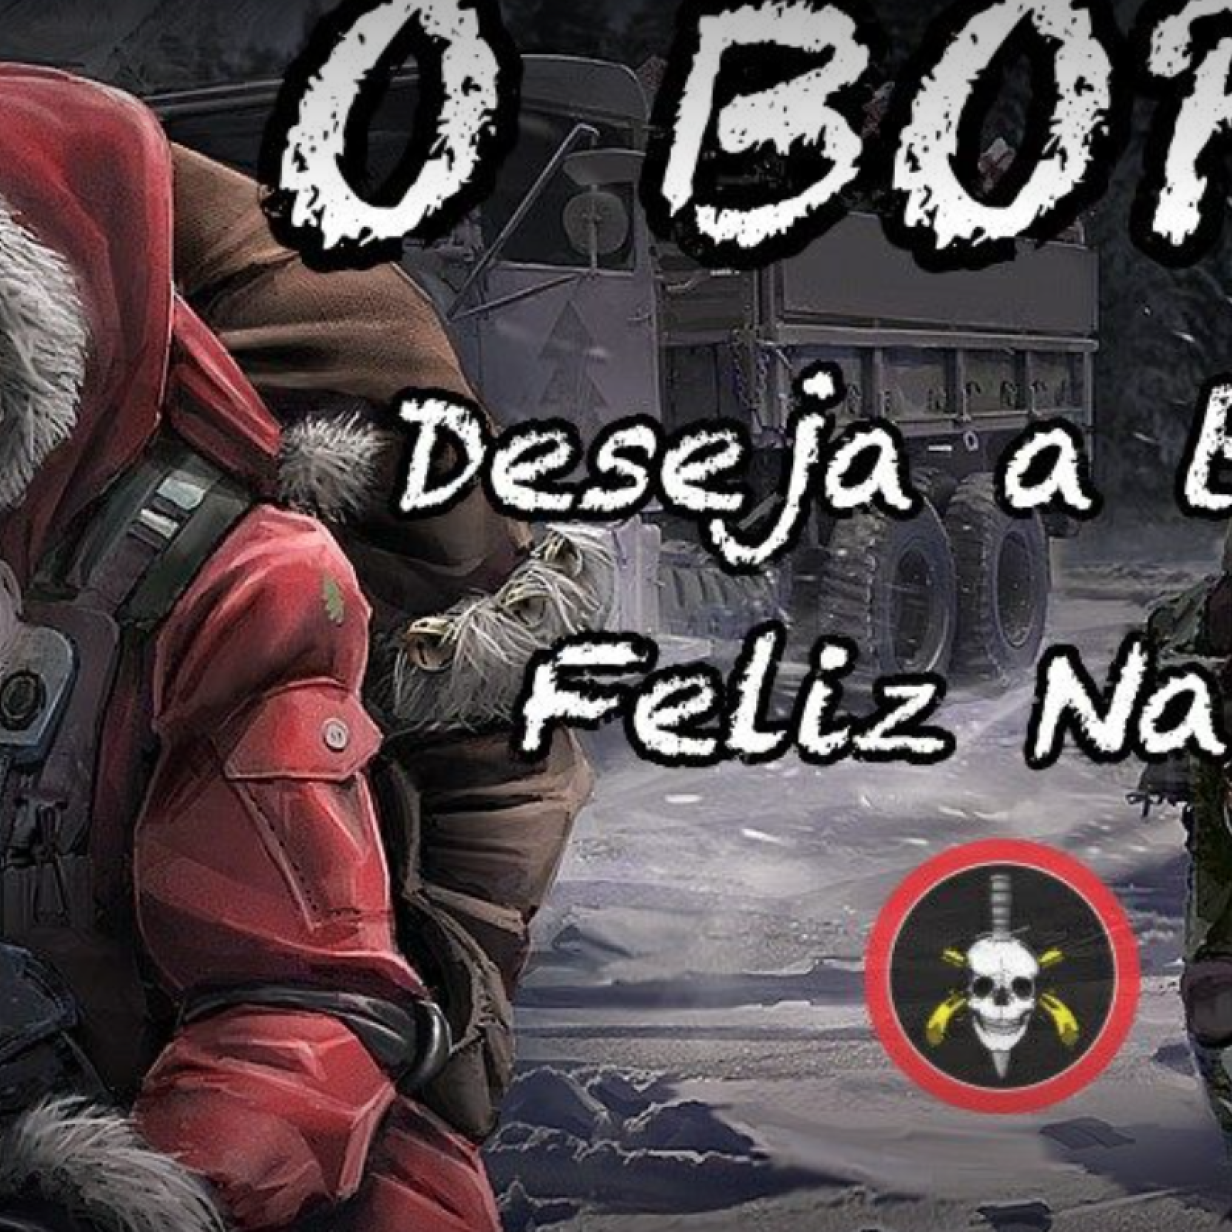 Weihnachtsgrüße Polizei.Polizei In Rio Martialische Weihnachtsgrüße Kurier At